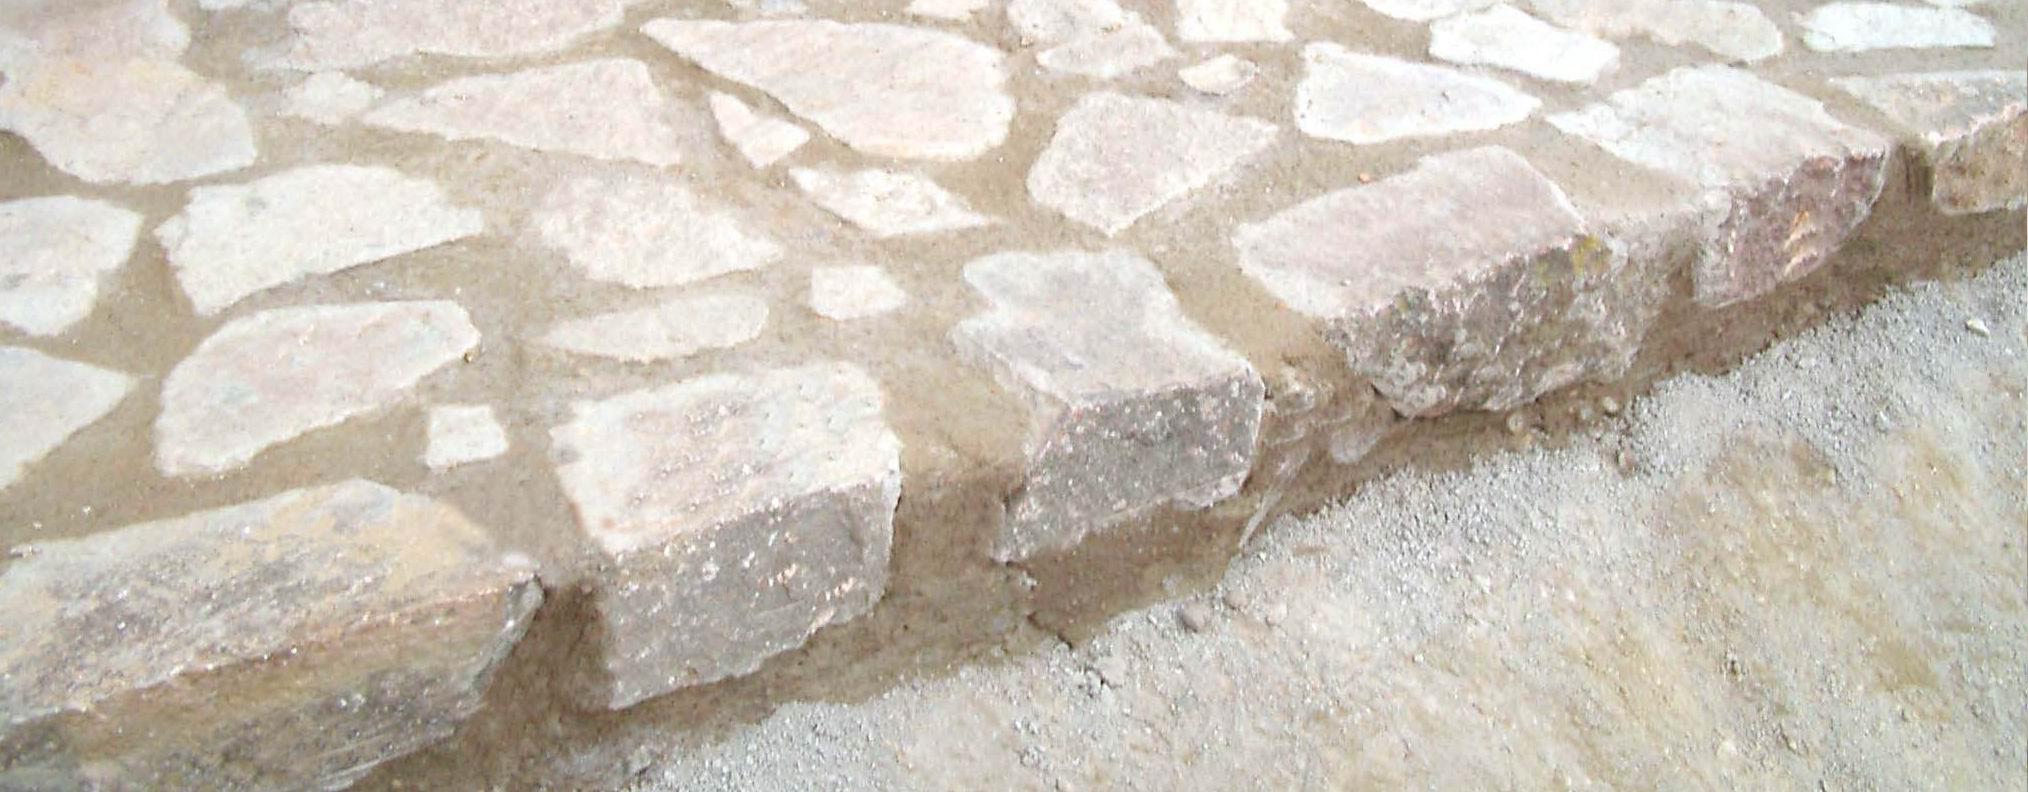 Los trozos de piedra natural colocados con su cara vista - Escaleras de piedra ...